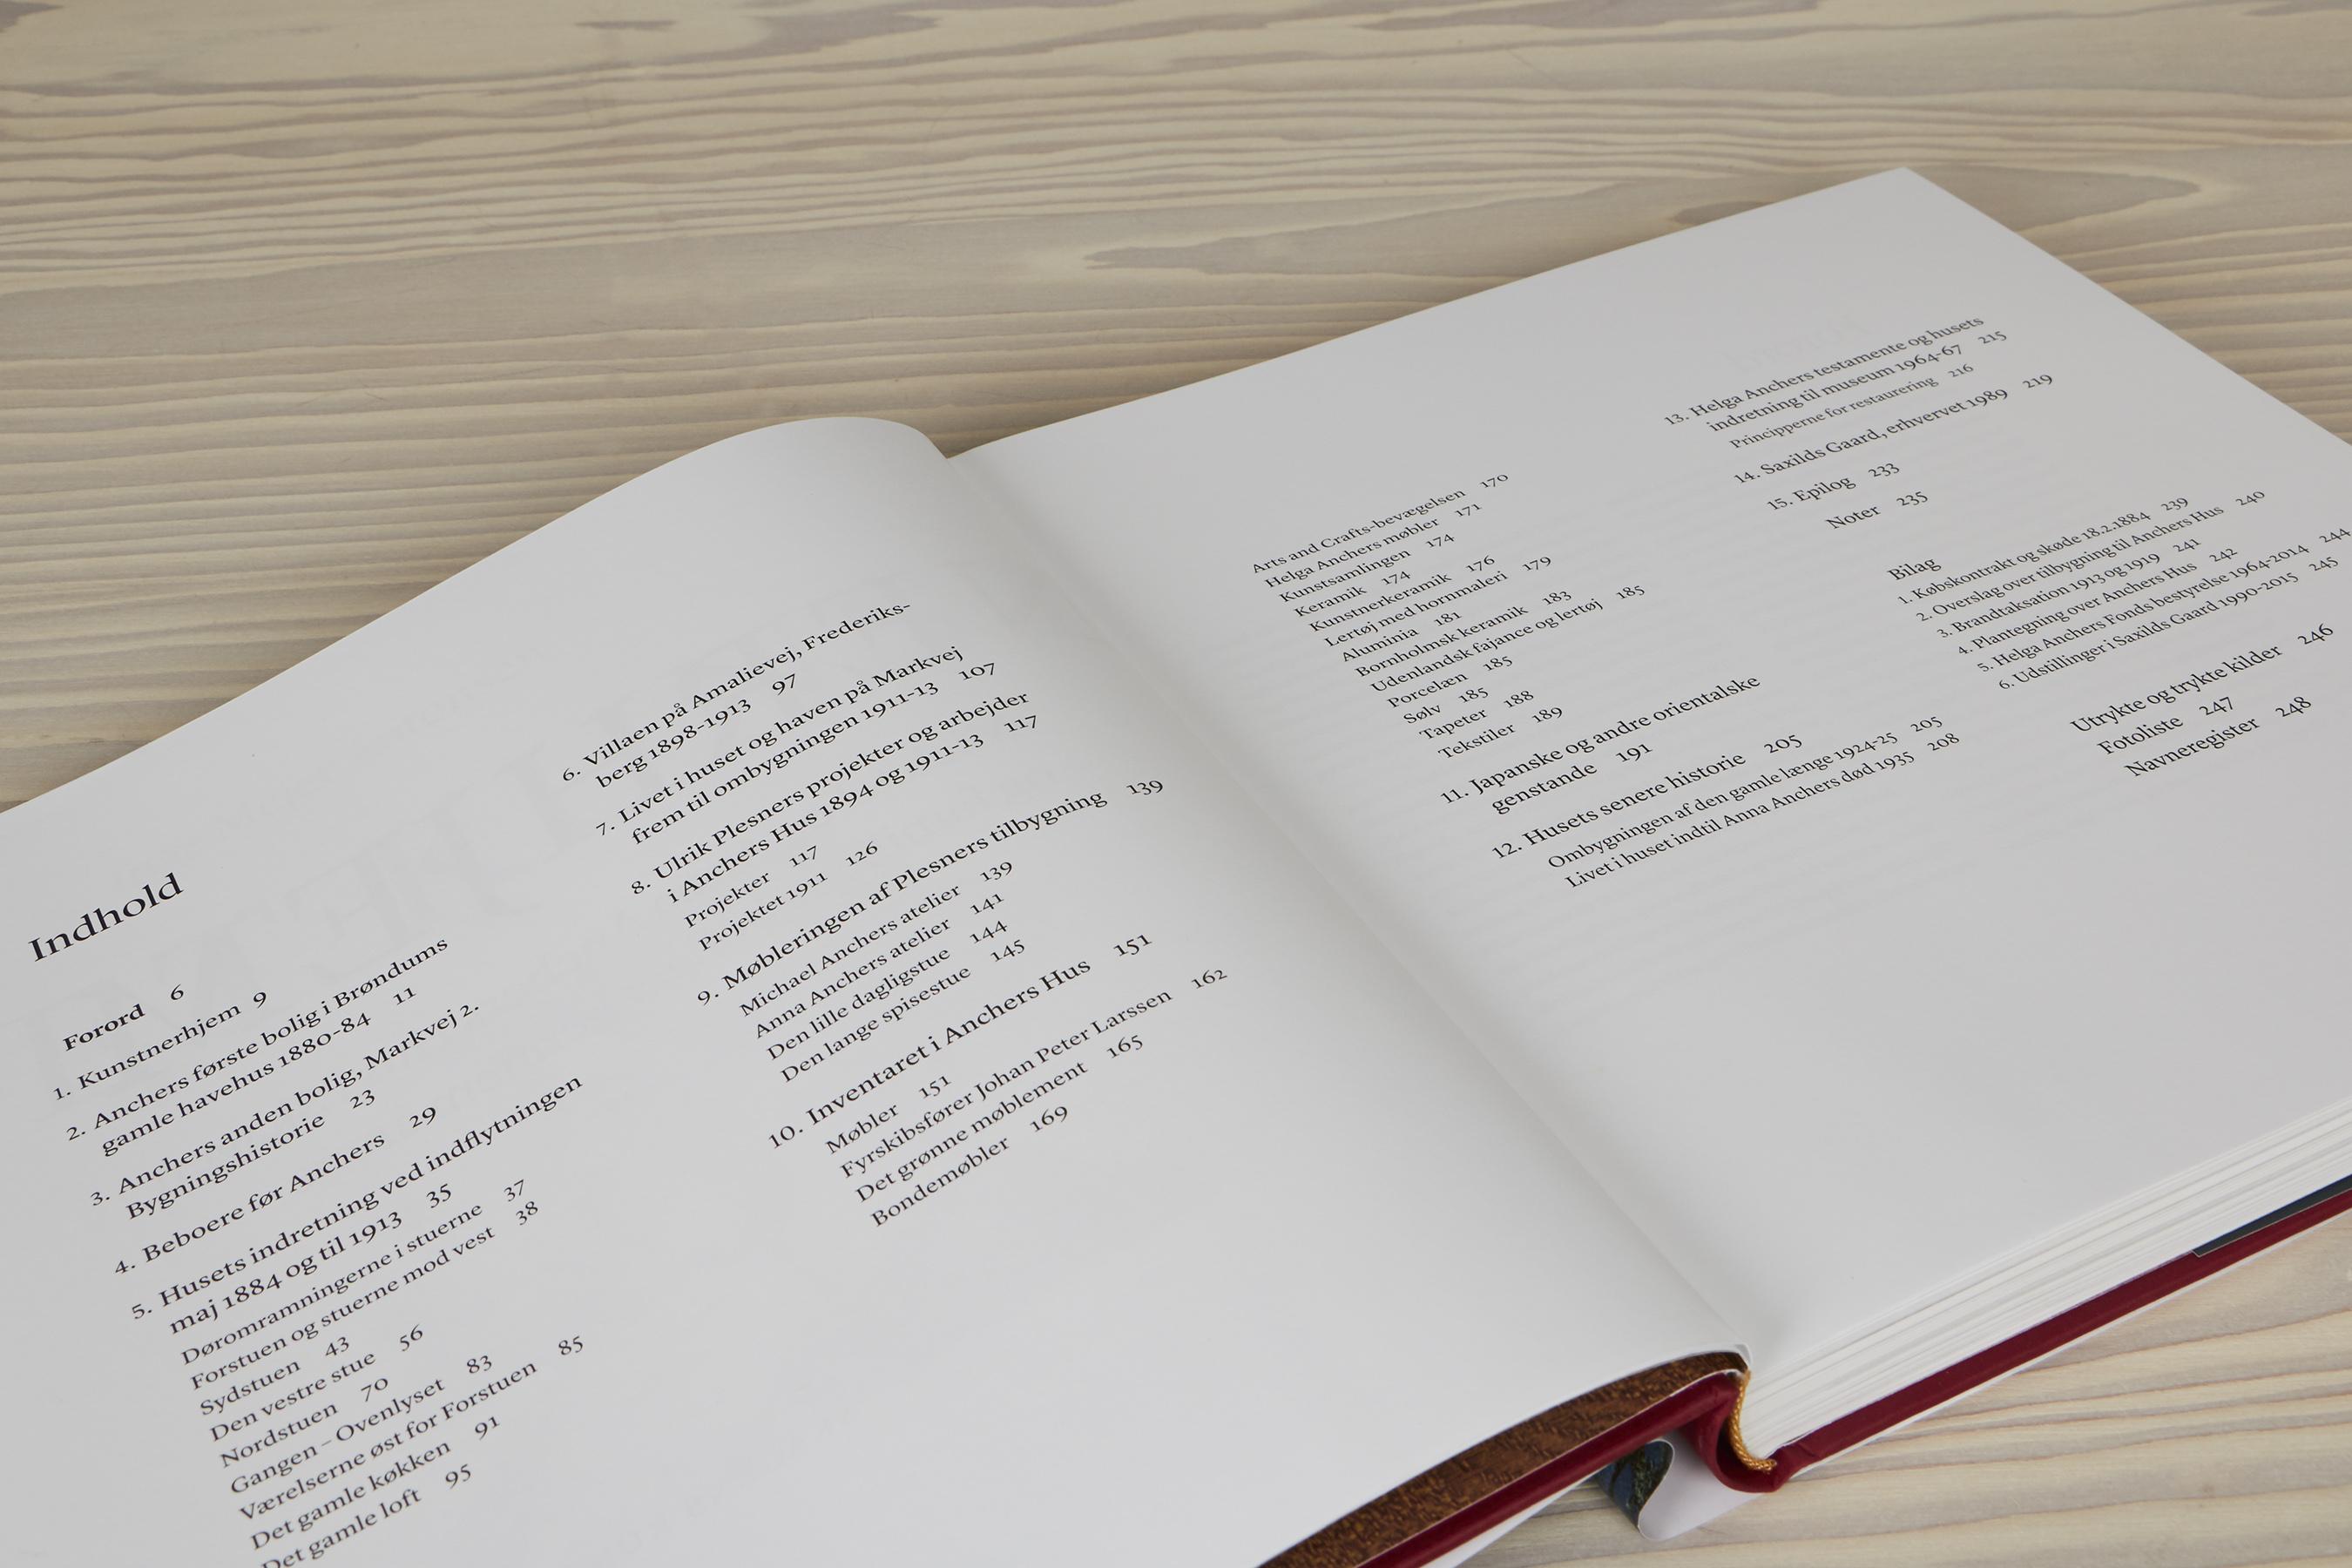 'Et kunstnerhjem. Michael og Anna Anchers Hus i Skagen og familiens boliger gennem årene' | Indholdsfortegnelse